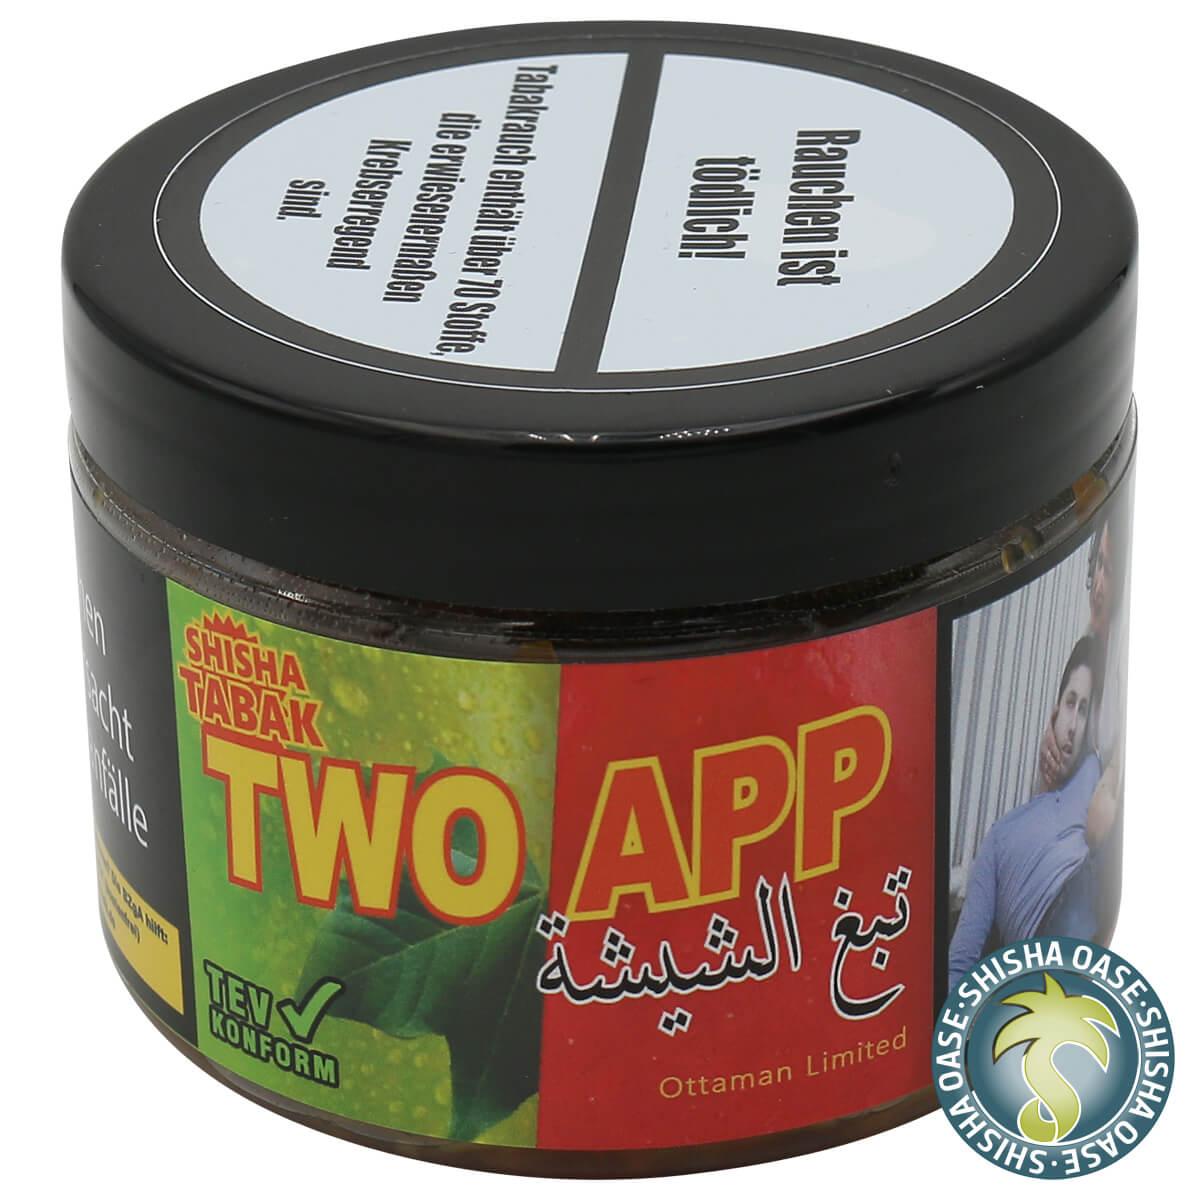 Ottaman Tabak Two App 50g